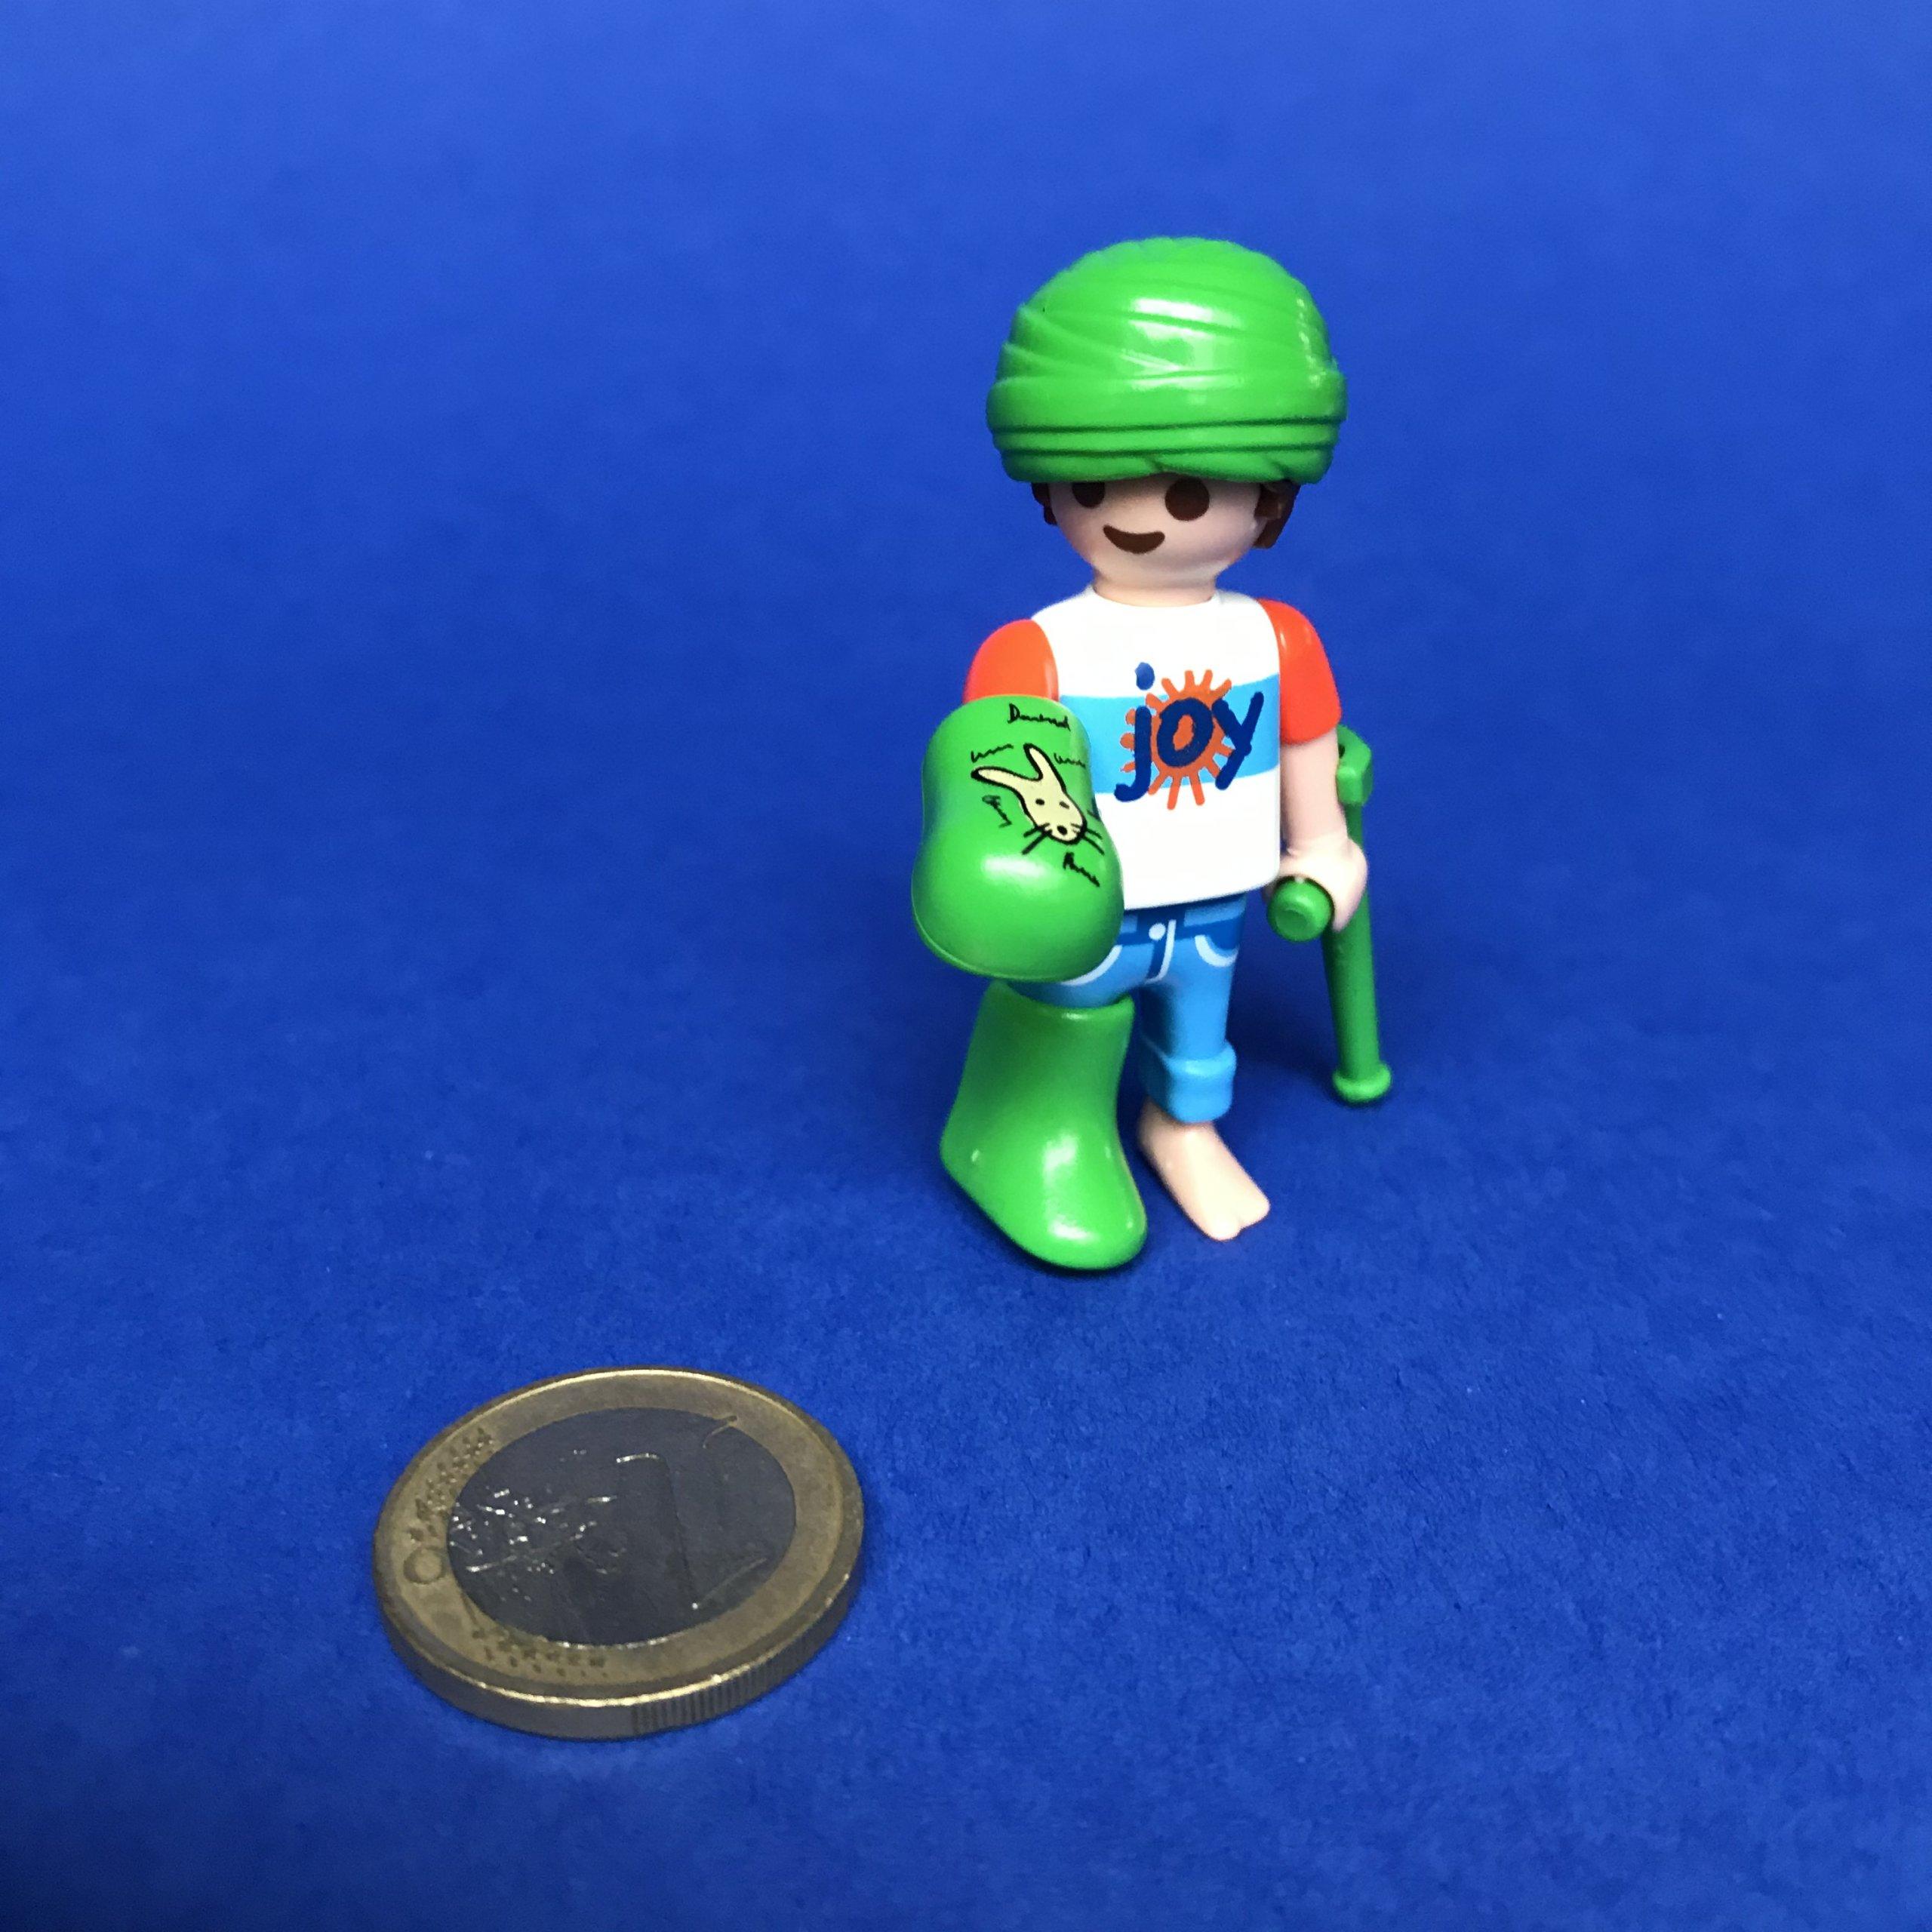 Playmobil-jongen-gips